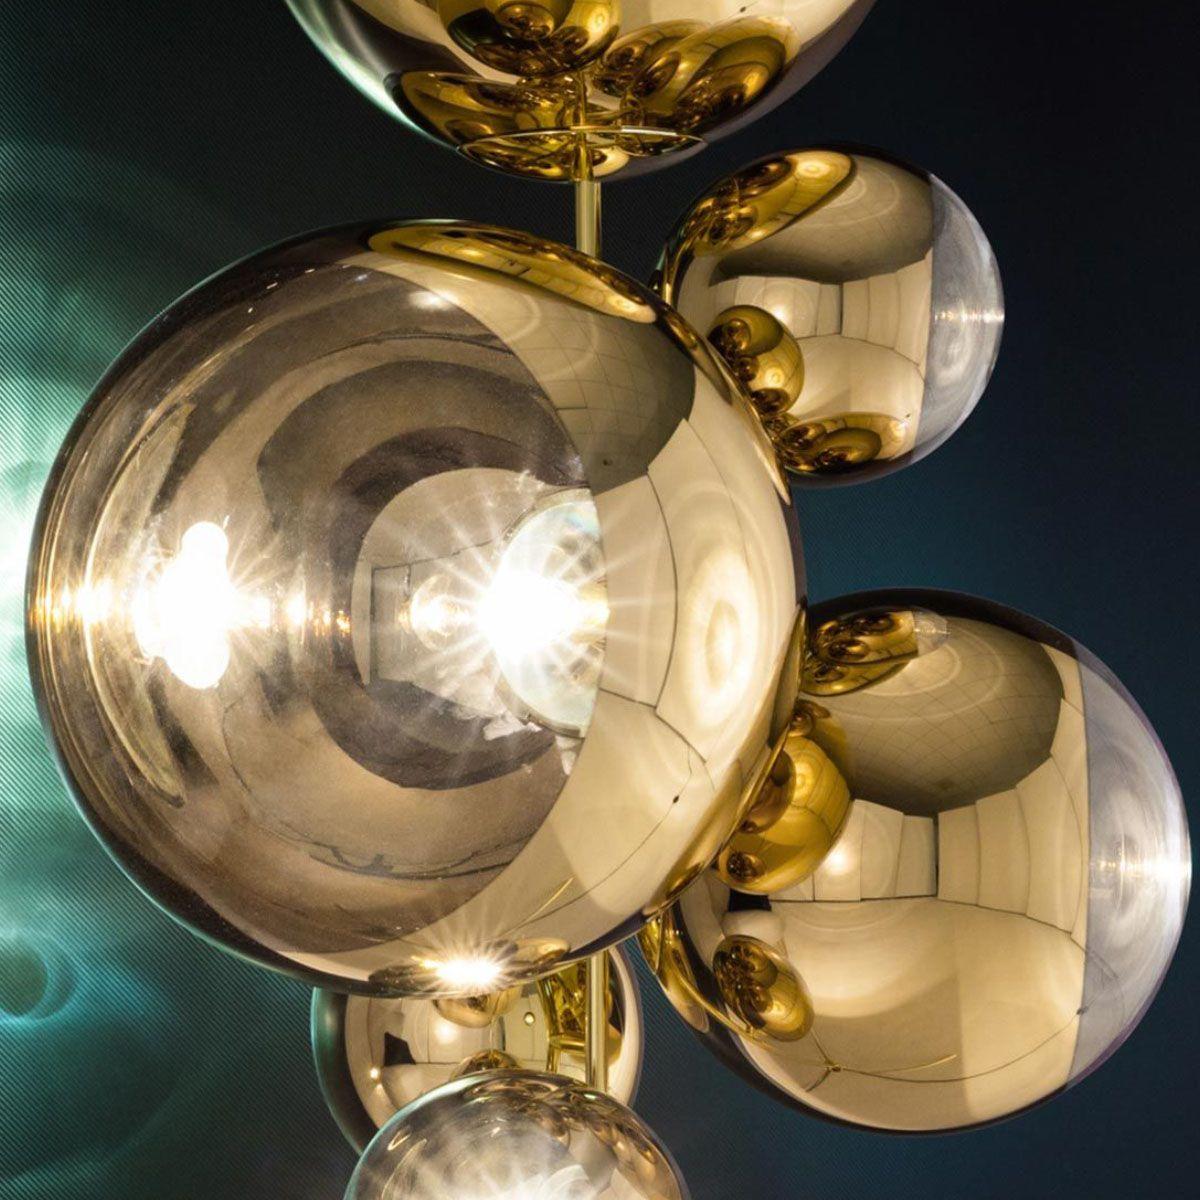 Tom Dixon Mirror Ball Stand Chandelier Floor Lamp In 2020 Chandelier Floor Lamp Mirror Ball Mirror With Lights